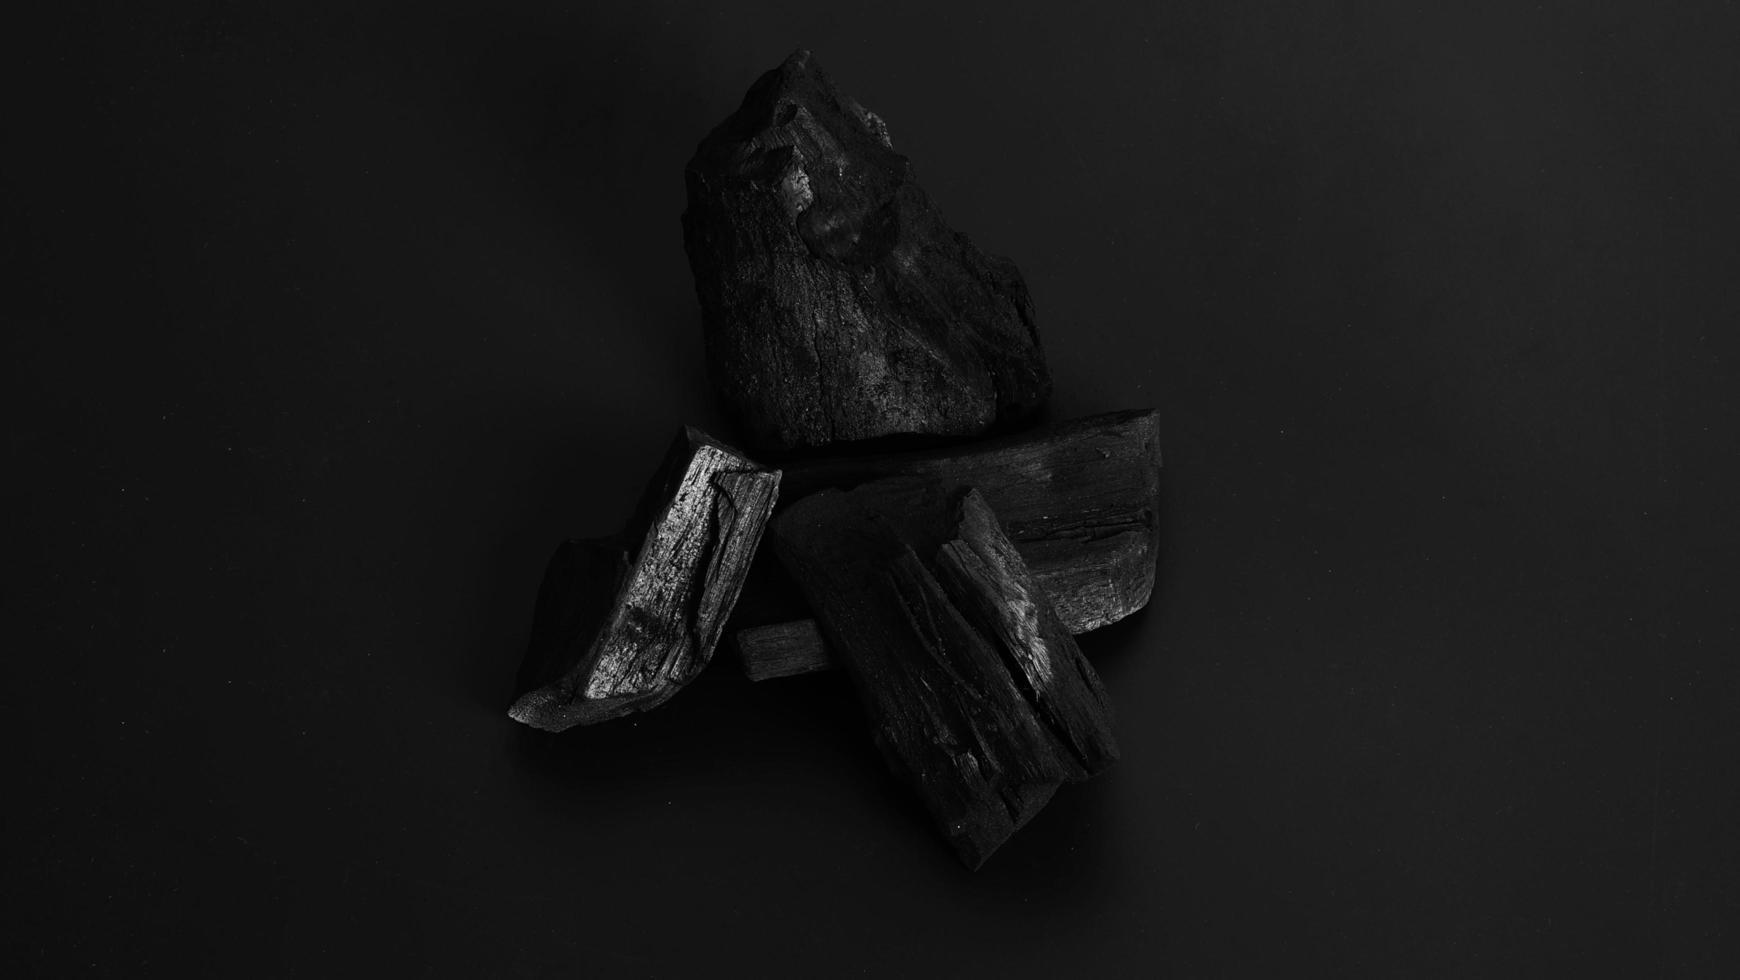 carbón de leña. carbón negro sobre piso texturizado negro. utilizado para cocinar foto